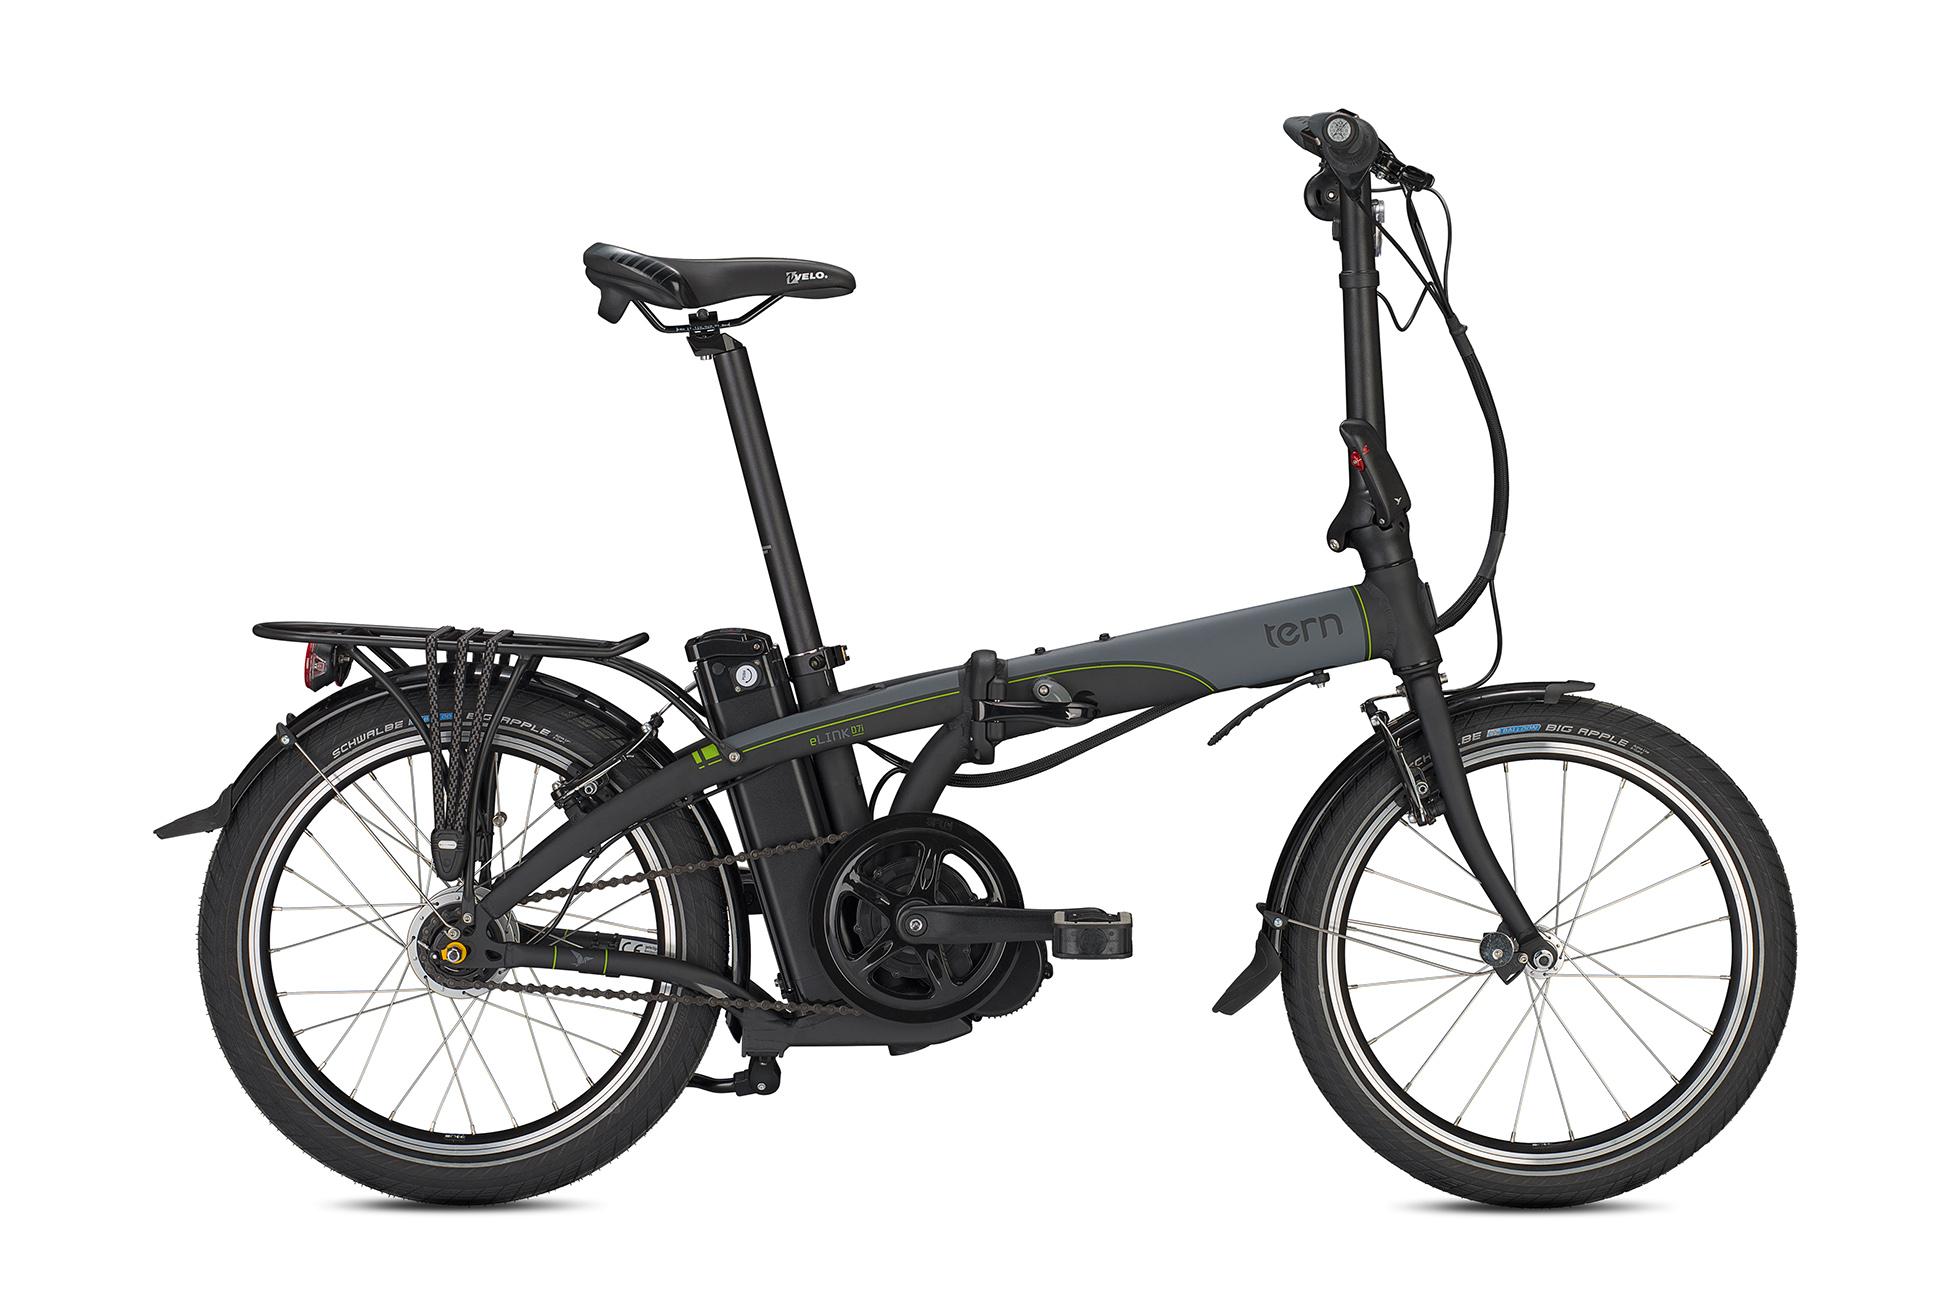 elink tern folding bikes france. Black Bedroom Furniture Sets. Home Design Ideas